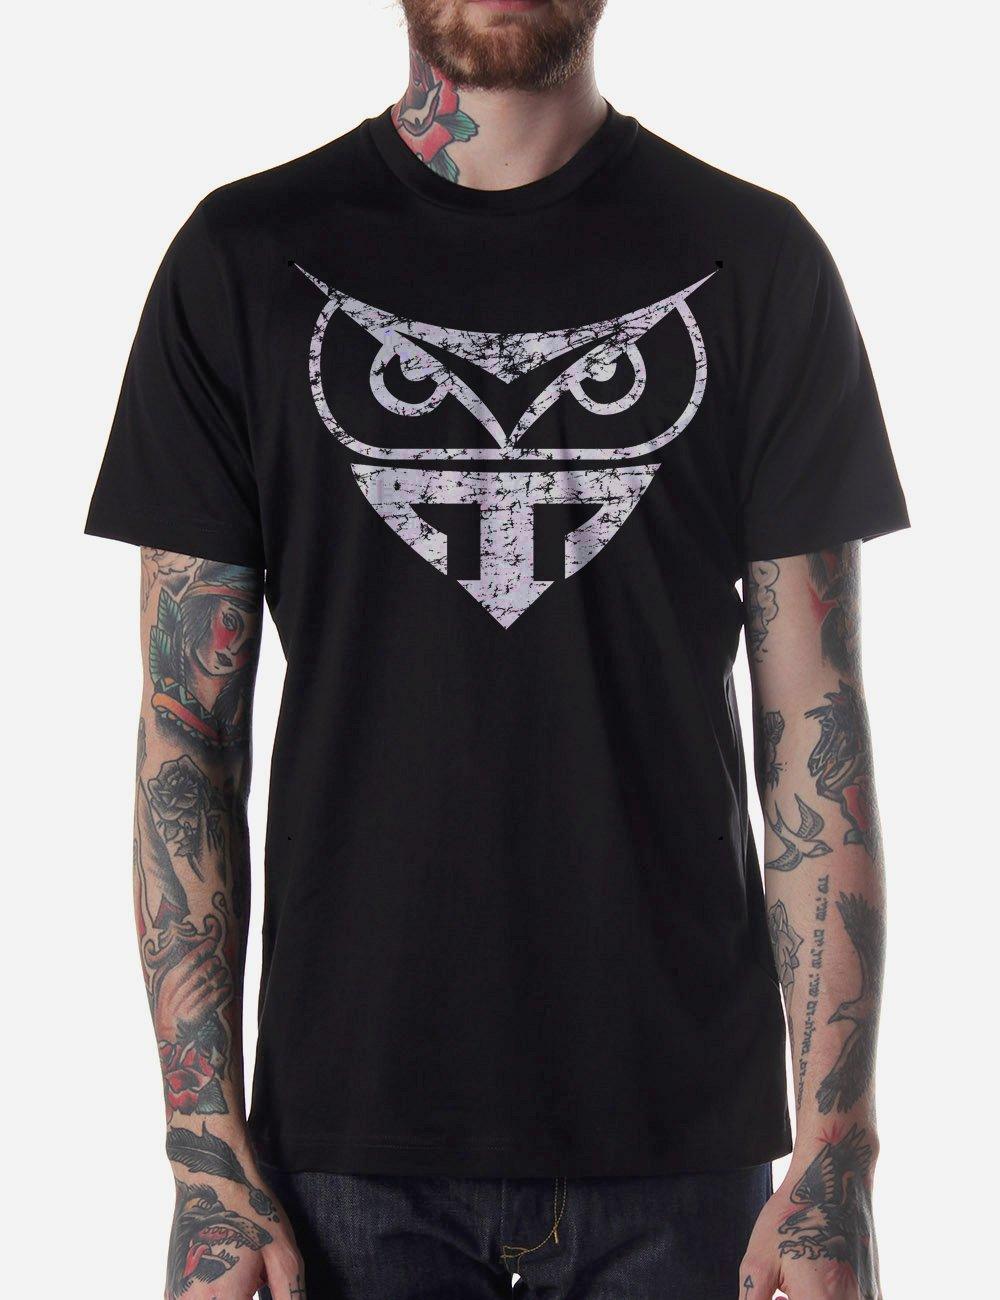 Black Men Tshirt Blade Runner Tyrell Black Tshirt For Men